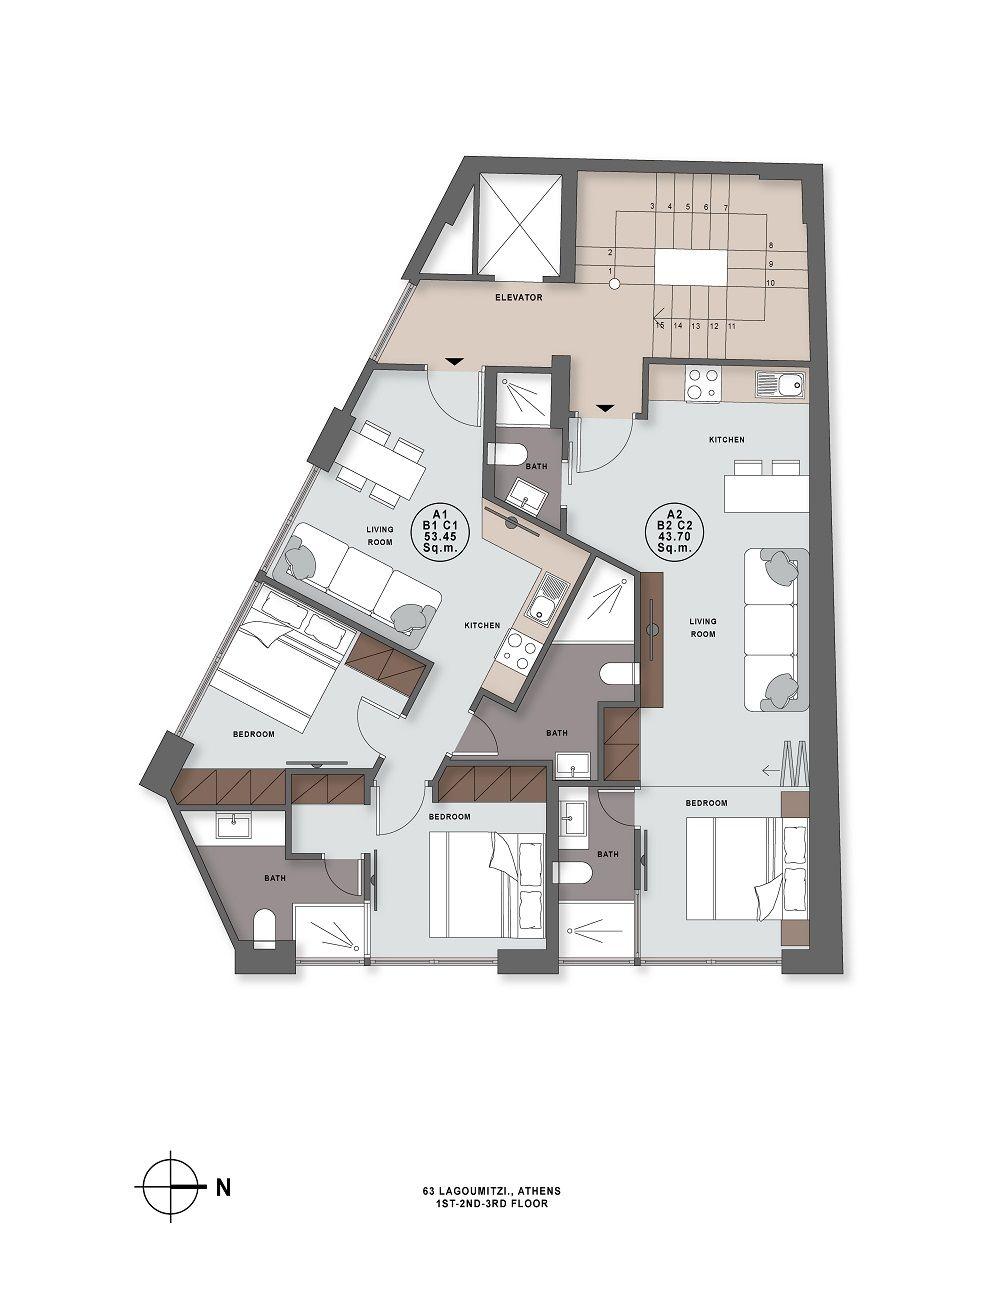 Lagoumitzi 63 1st to 3rd floor plan